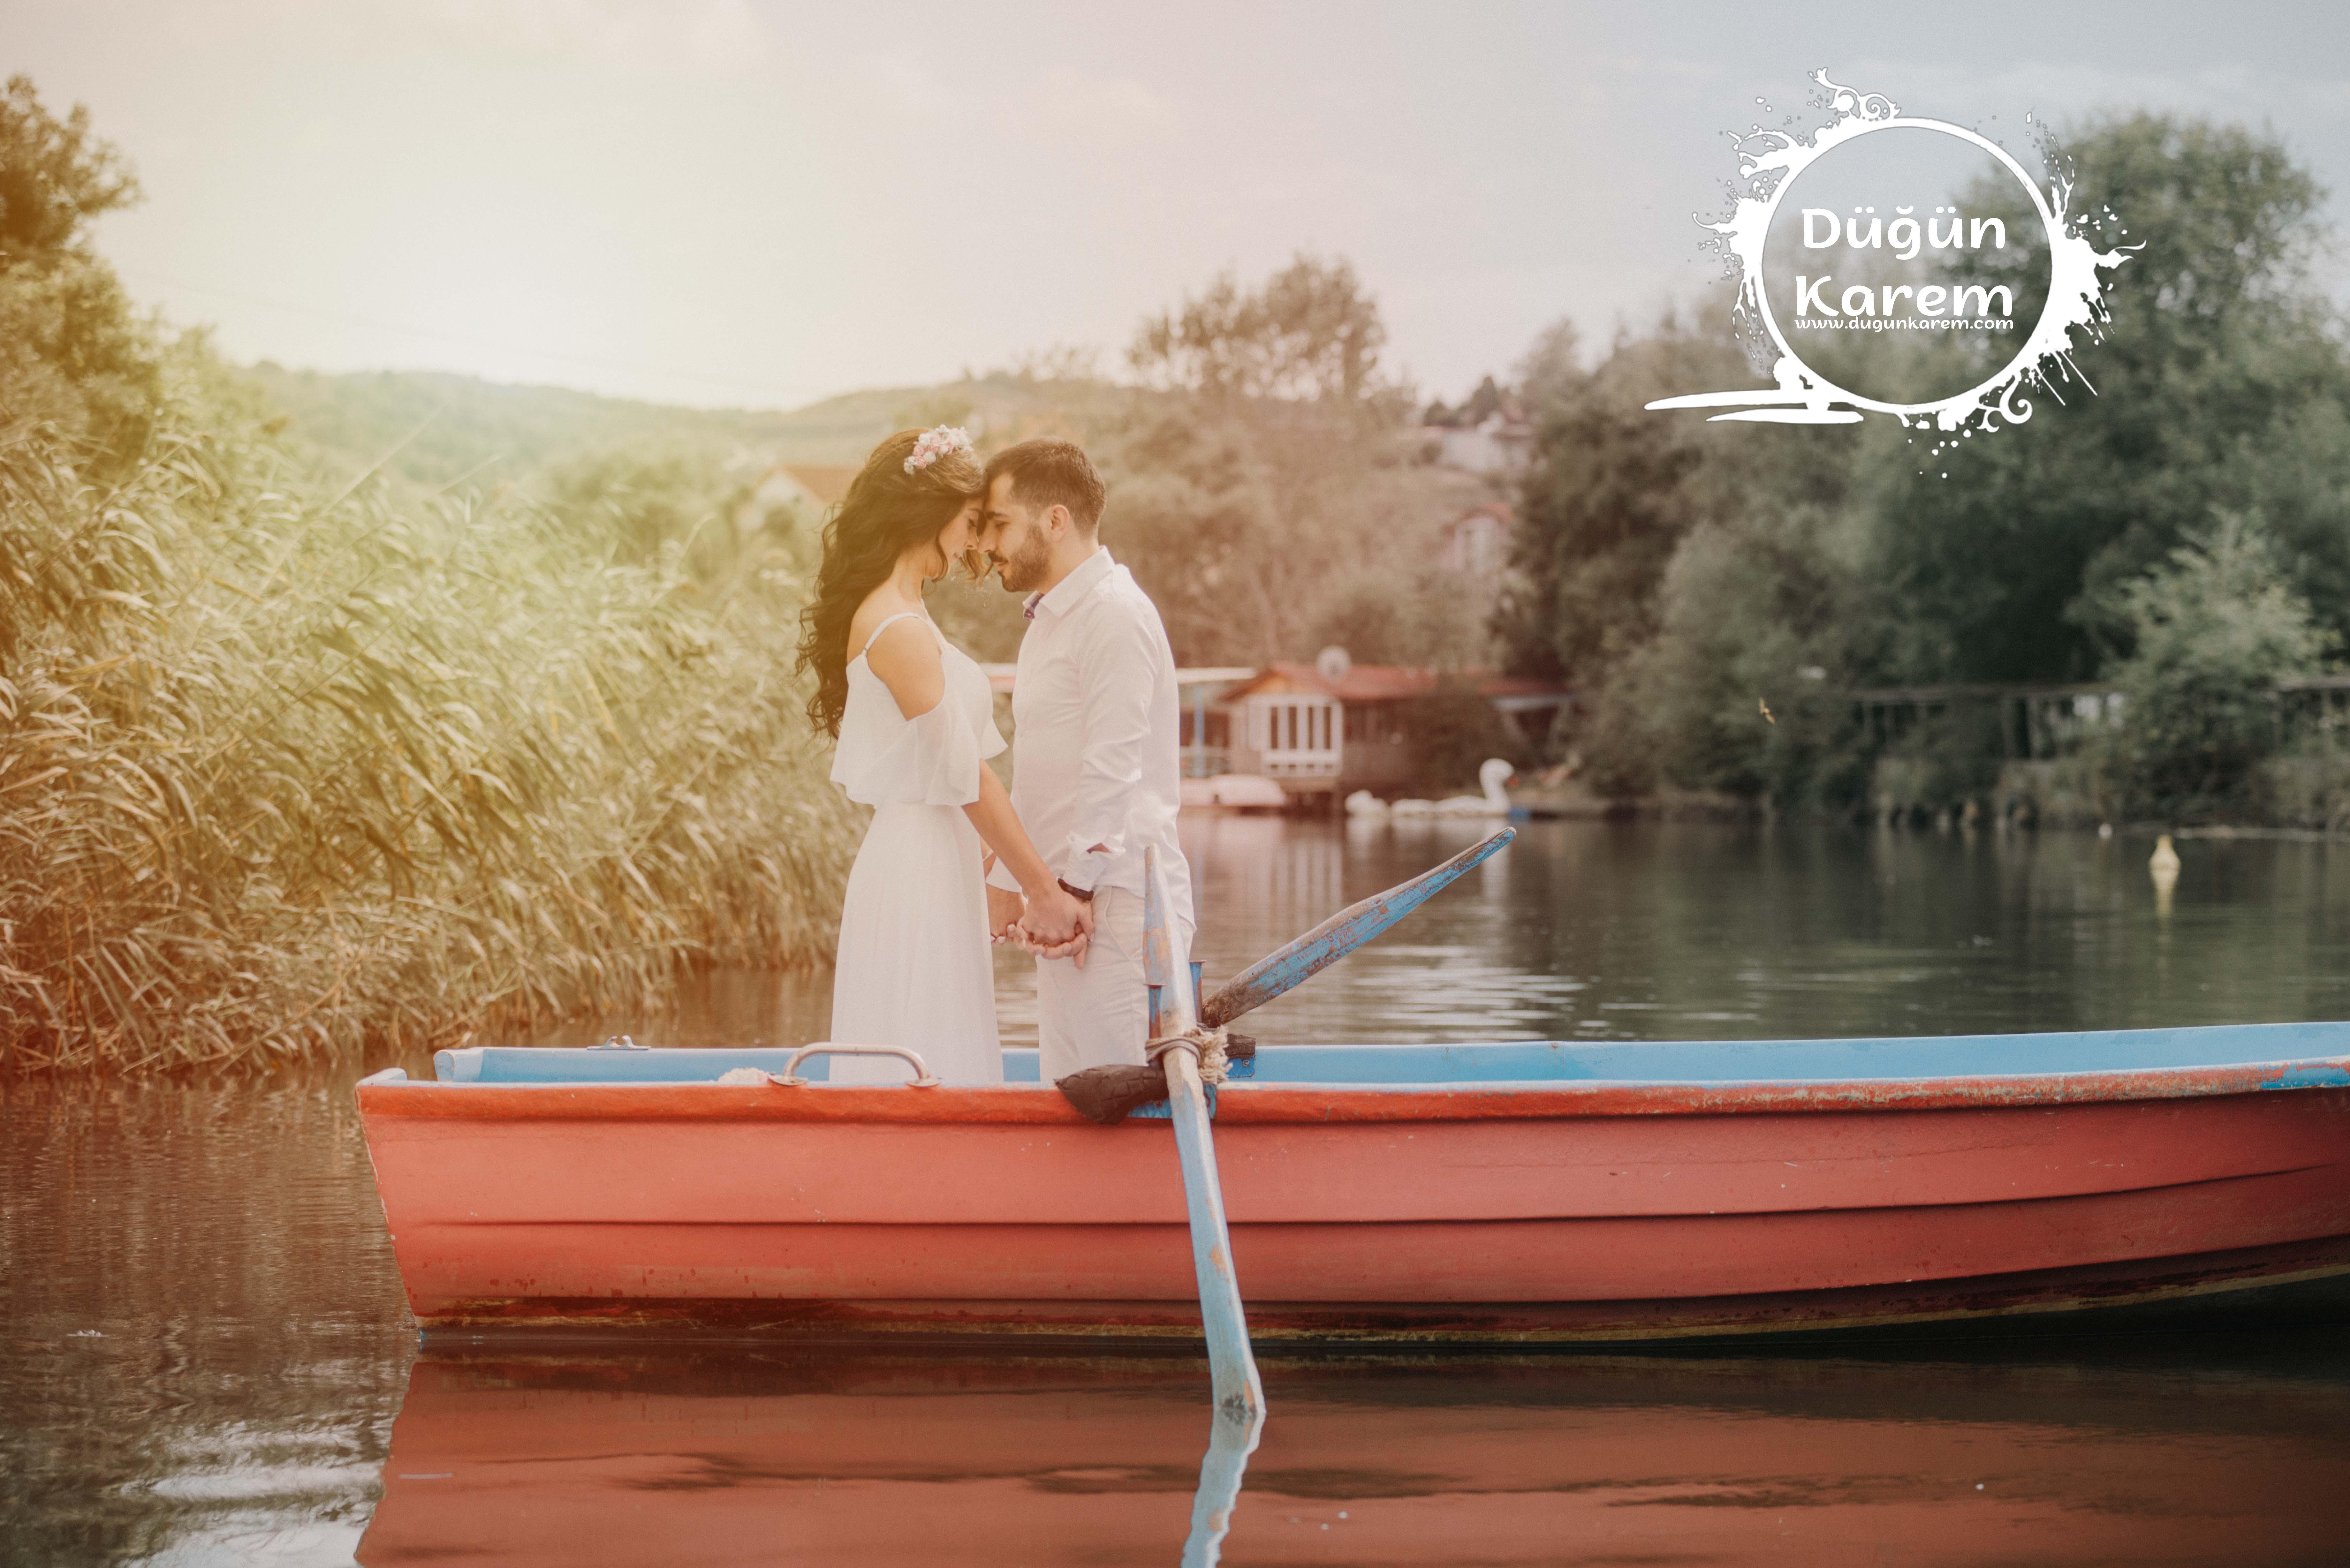 Şile Düğün hikayesi save the date